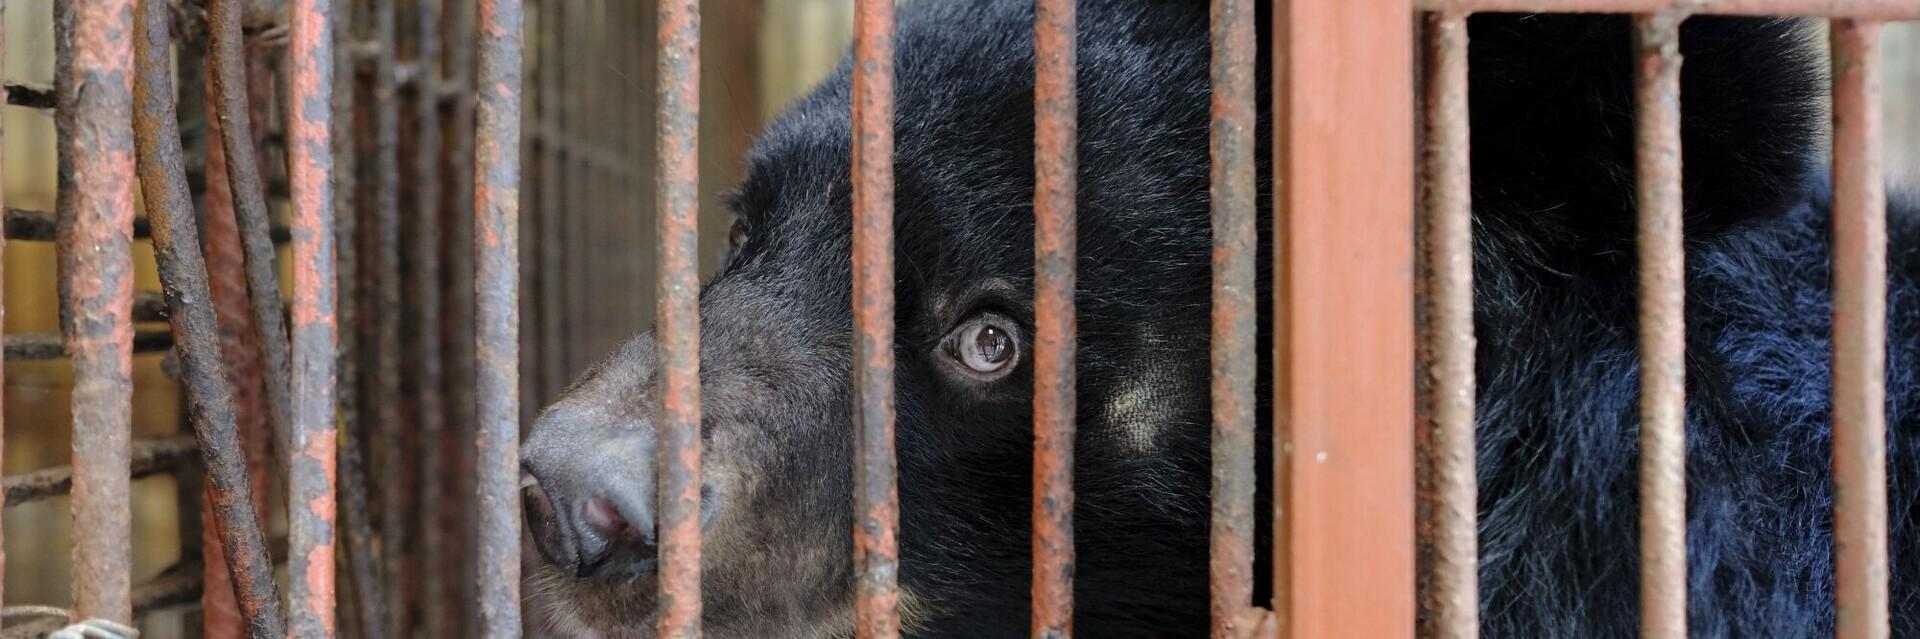 bile bear in Vietnam